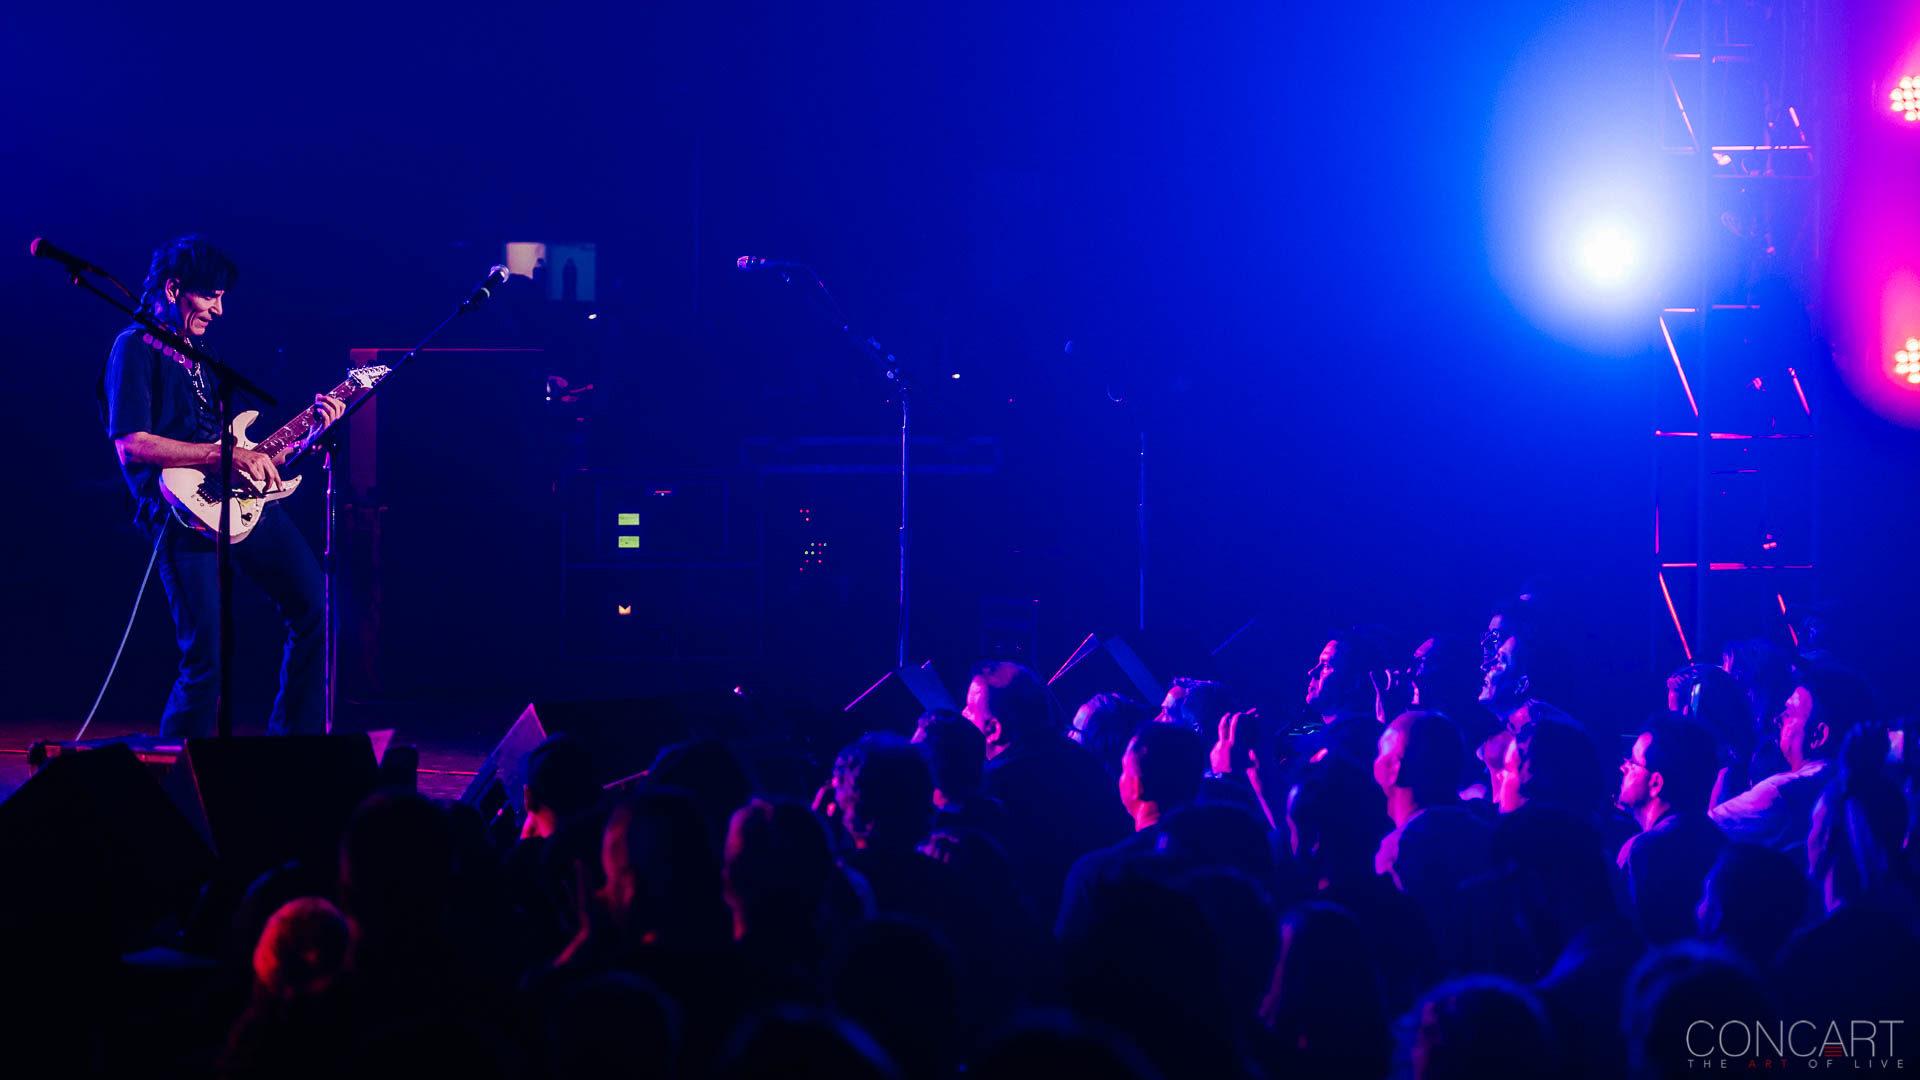 Steve Vai photo by Sean Molin 27